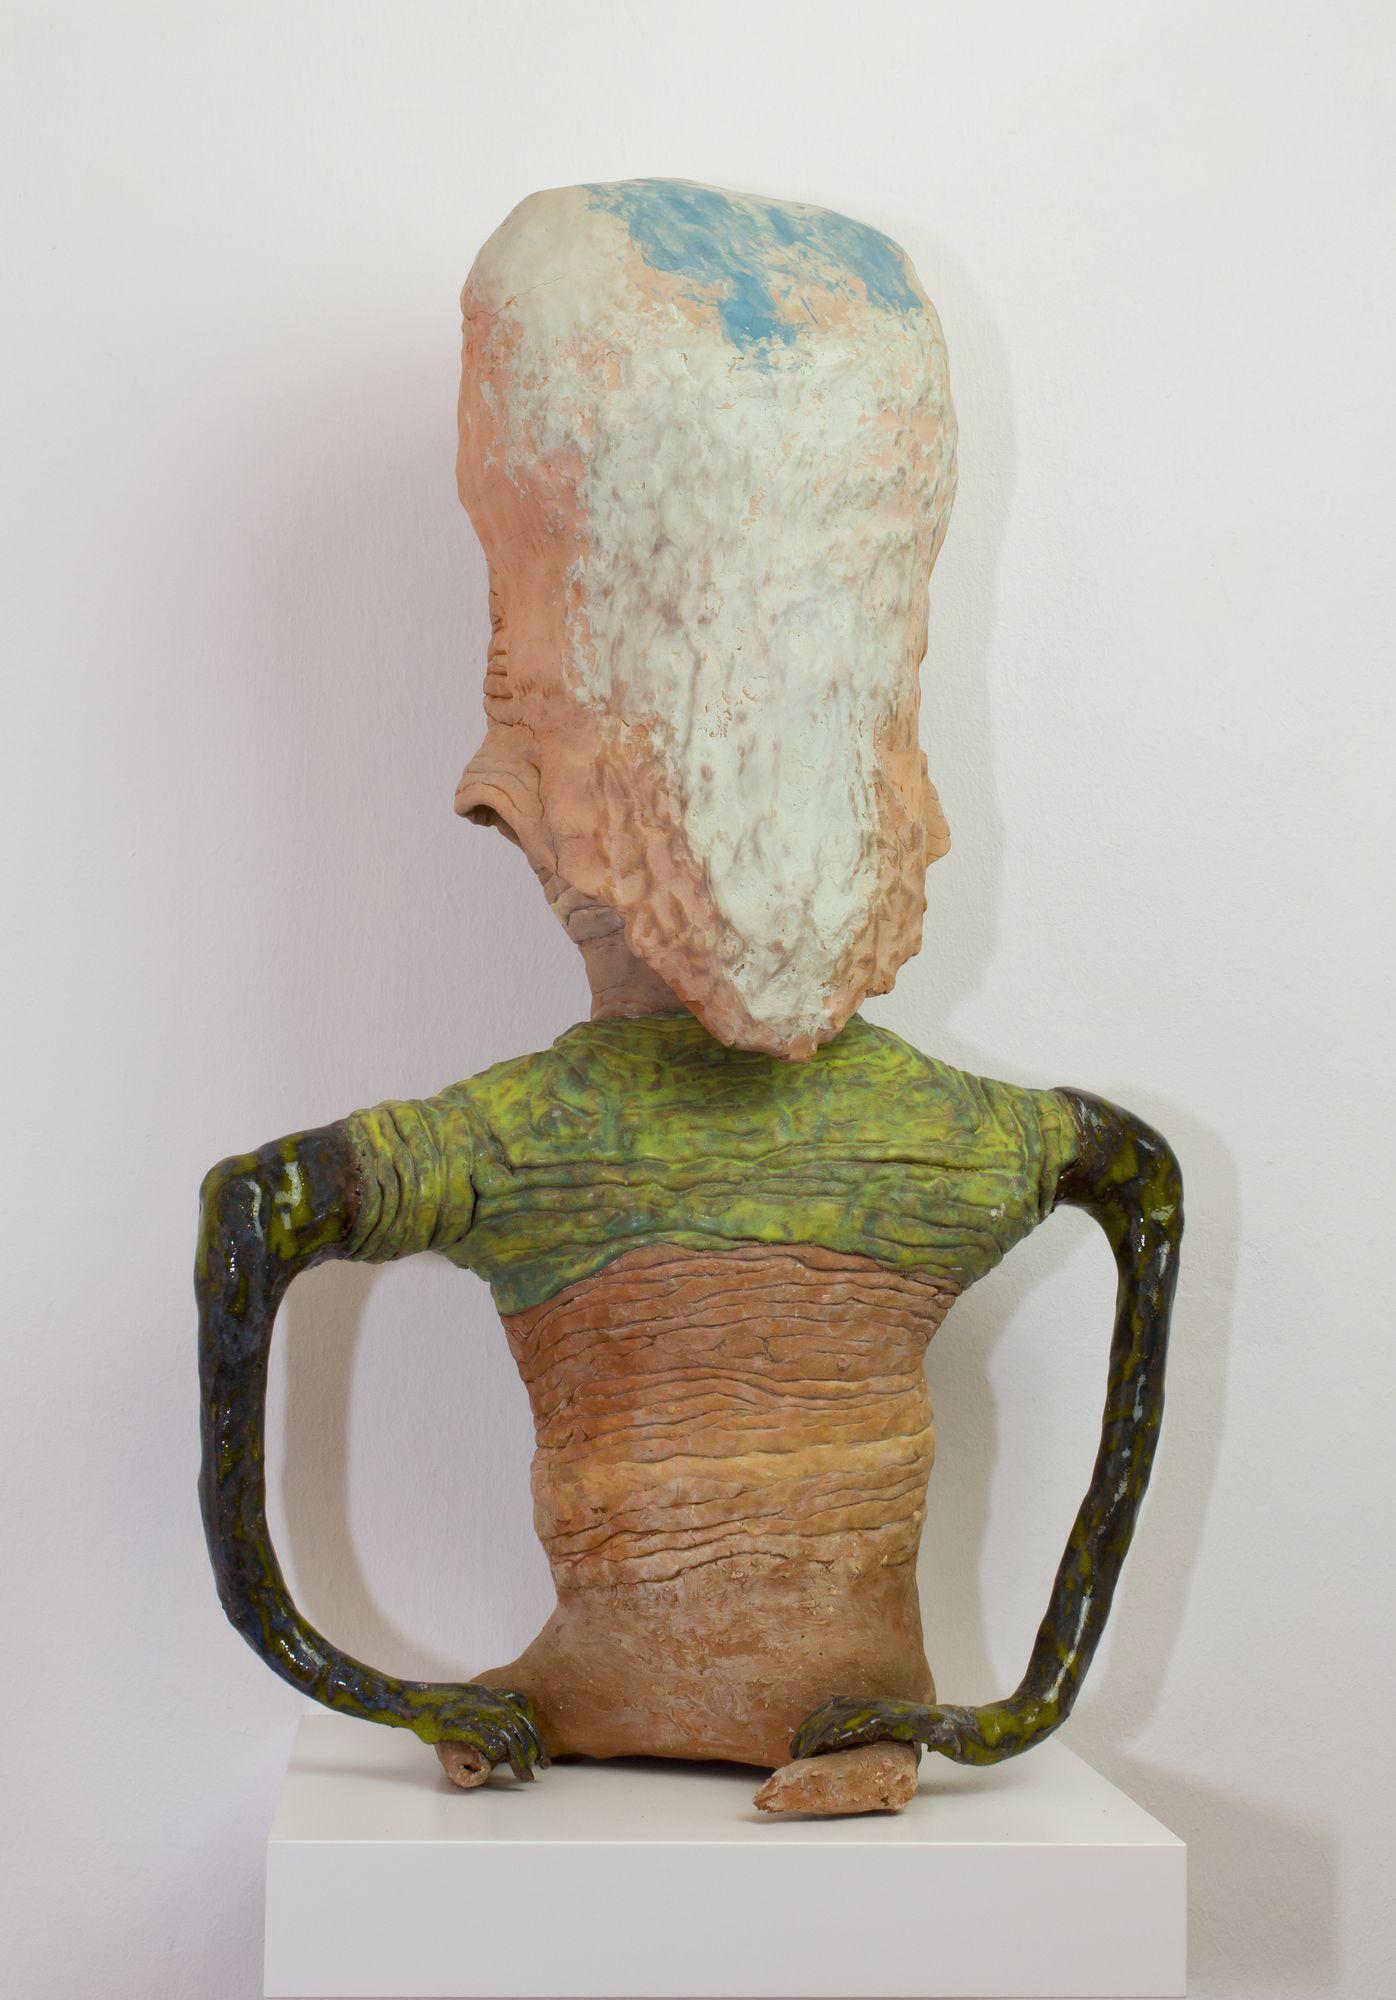 Susanne Ring | OT – 2011/2016, ca. 60 cm, Keramik, gebrannt, glasiert